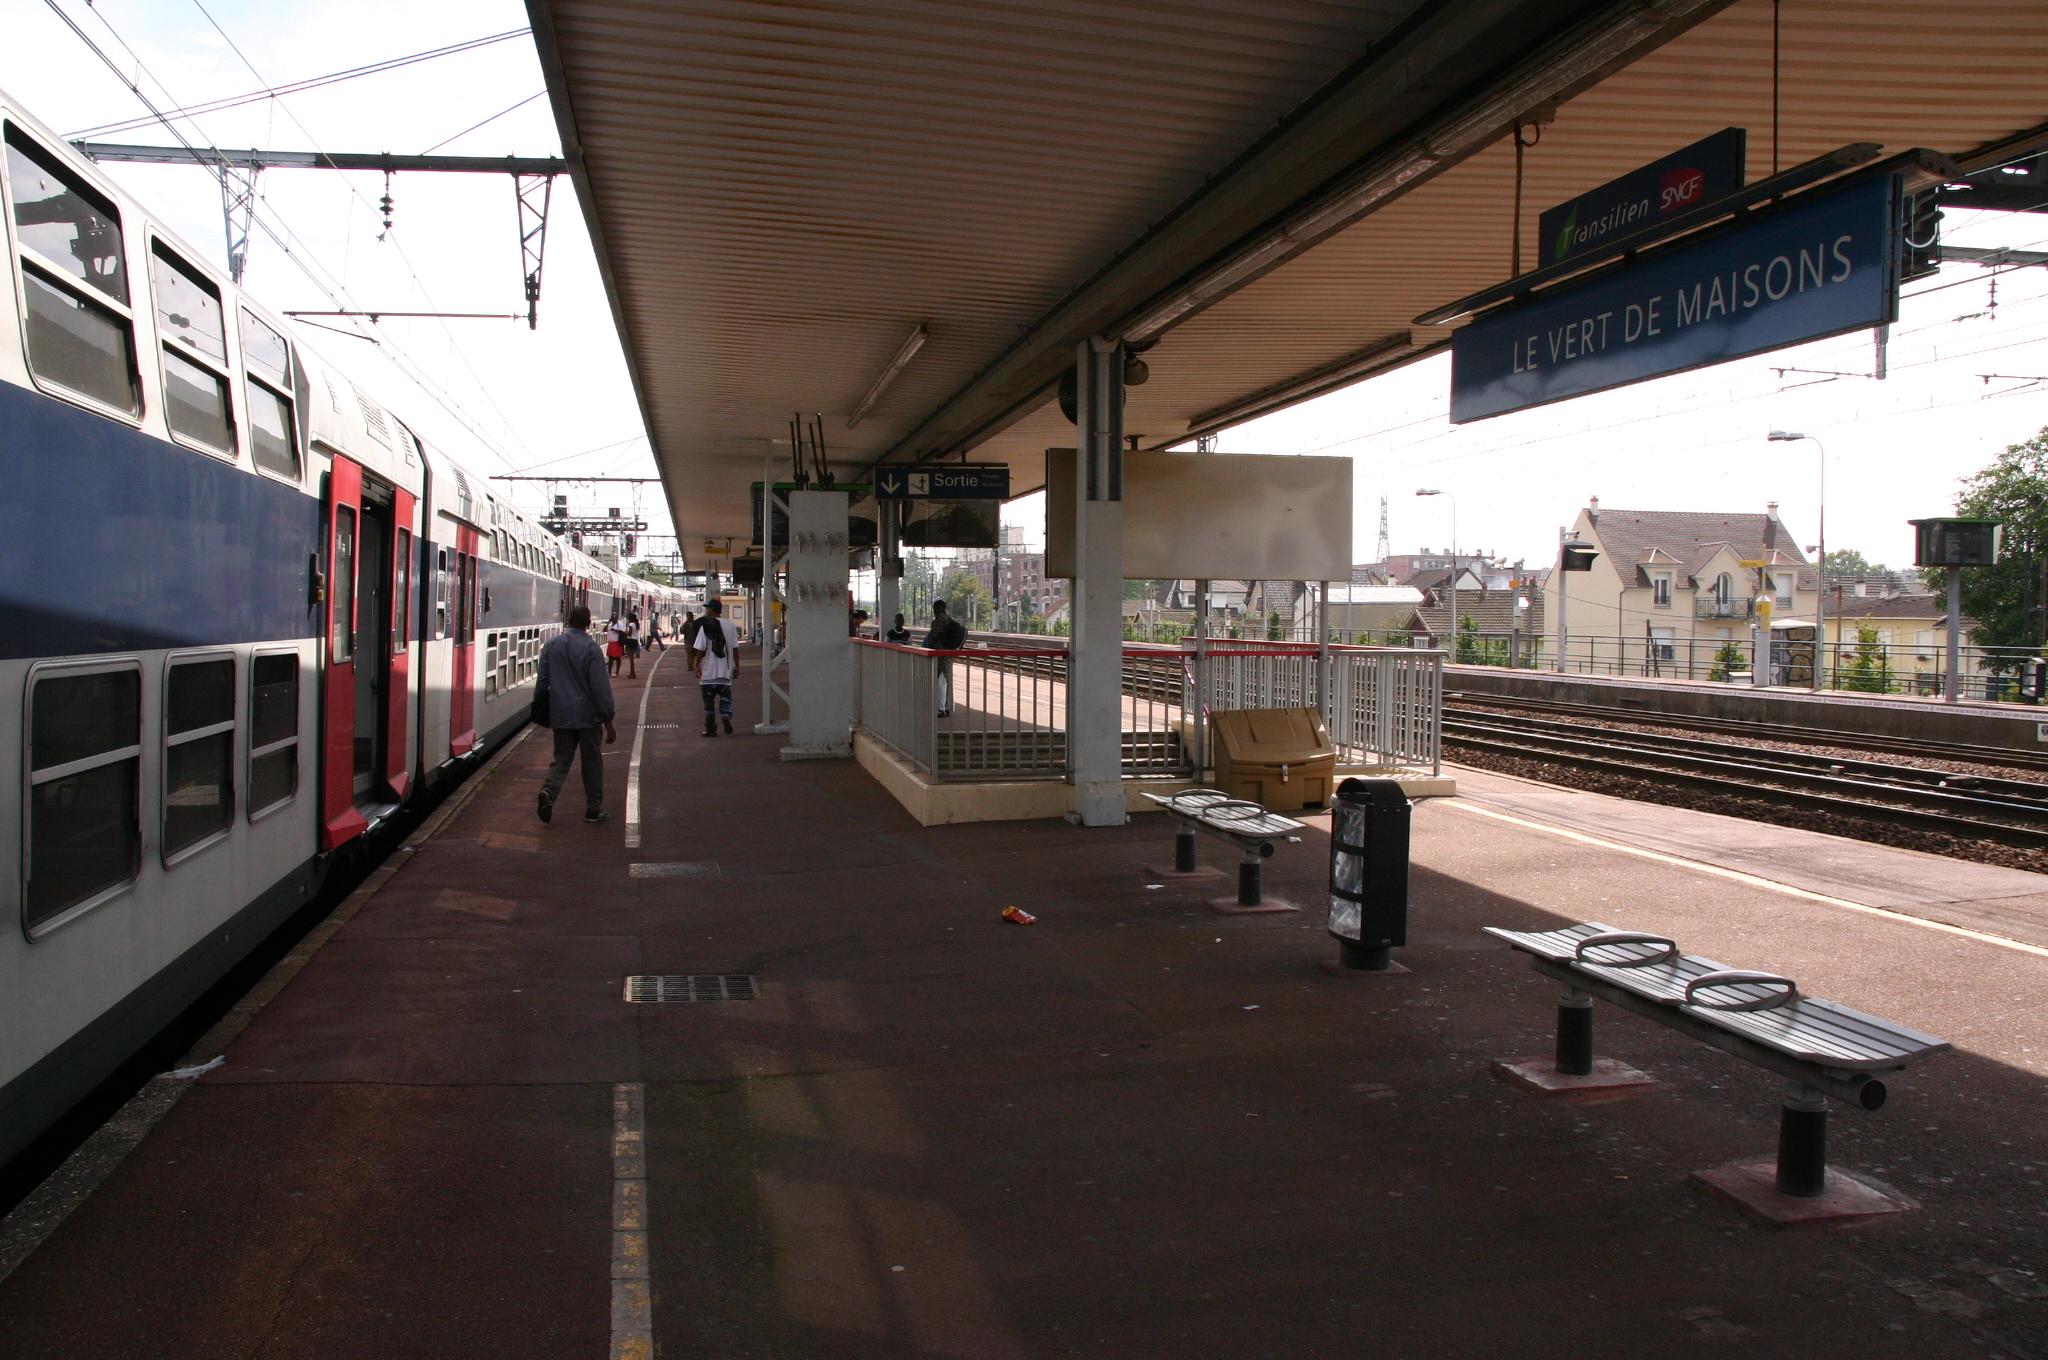 file gare du vert-de-maisons img 7352 jpg